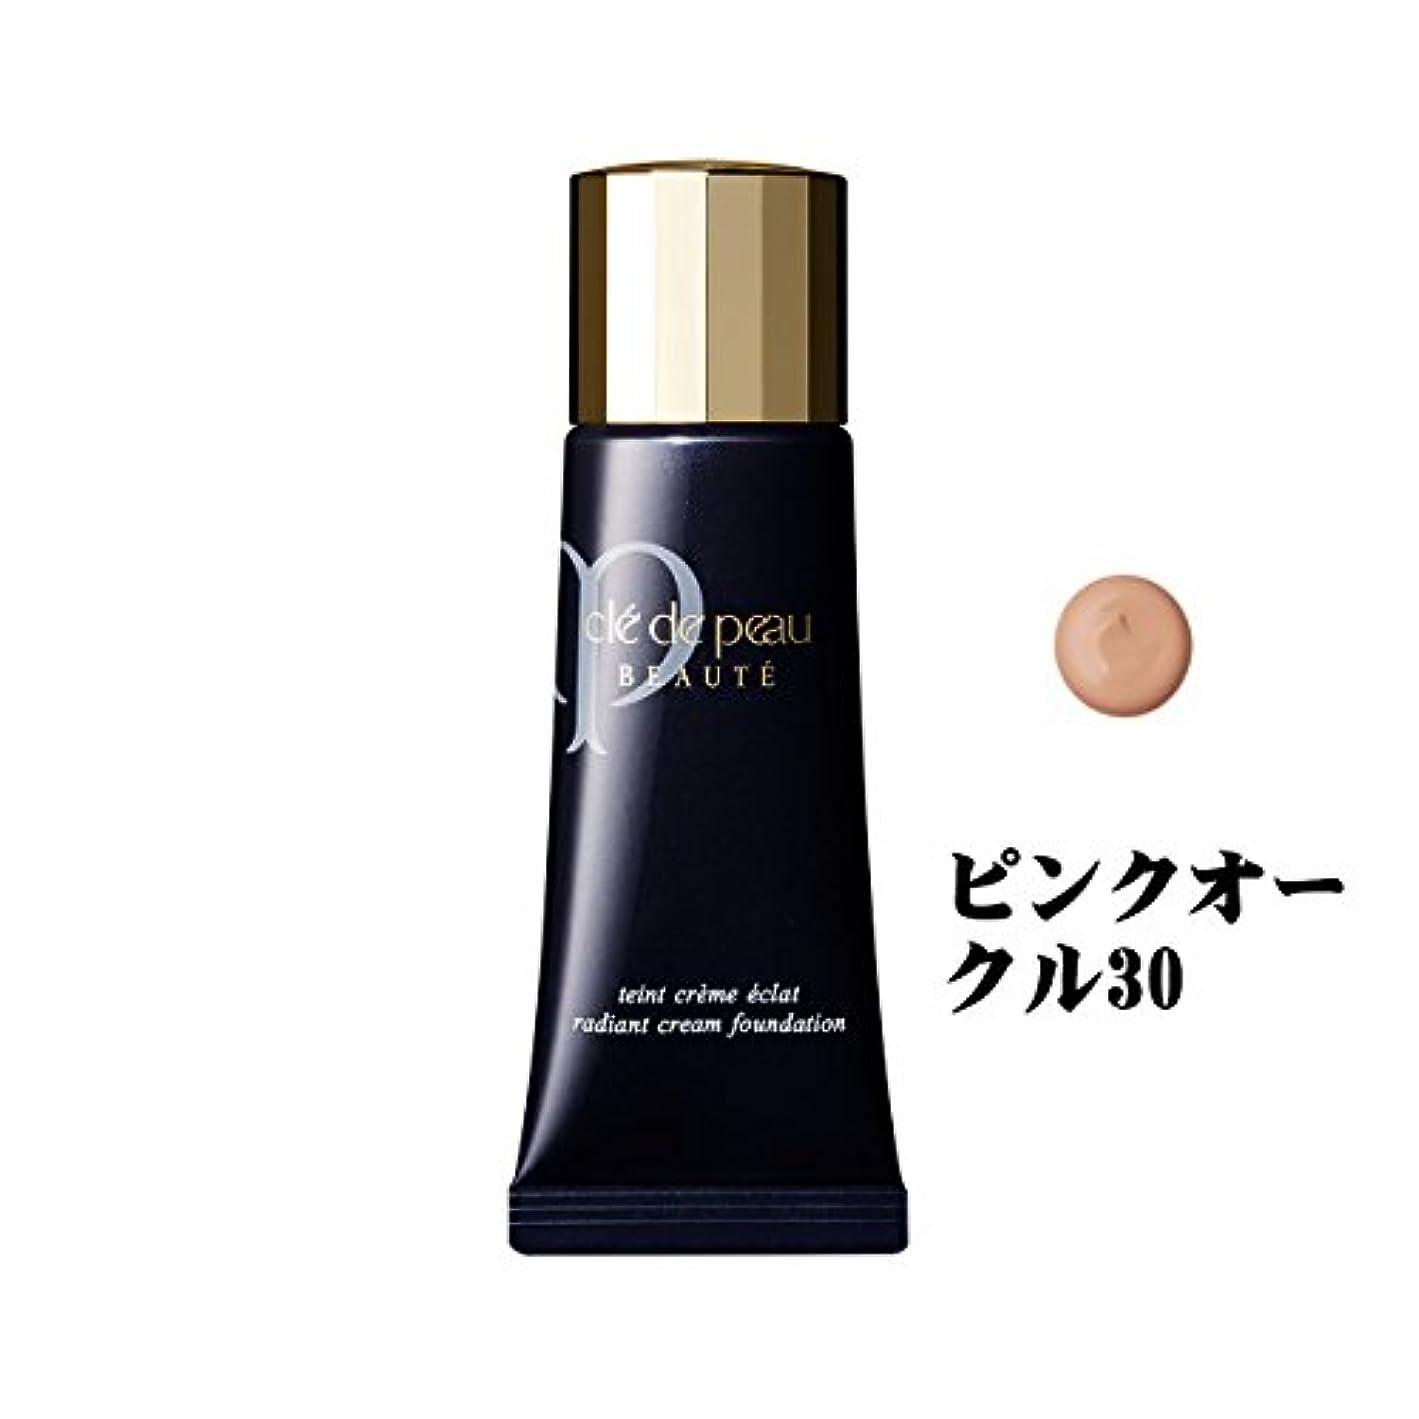 異常な闇時代資生堂/shiseido クレドポーボーテ/CPB タンクレームエクラ クリームタイプ SPF25?PA++ ピンクオークル30